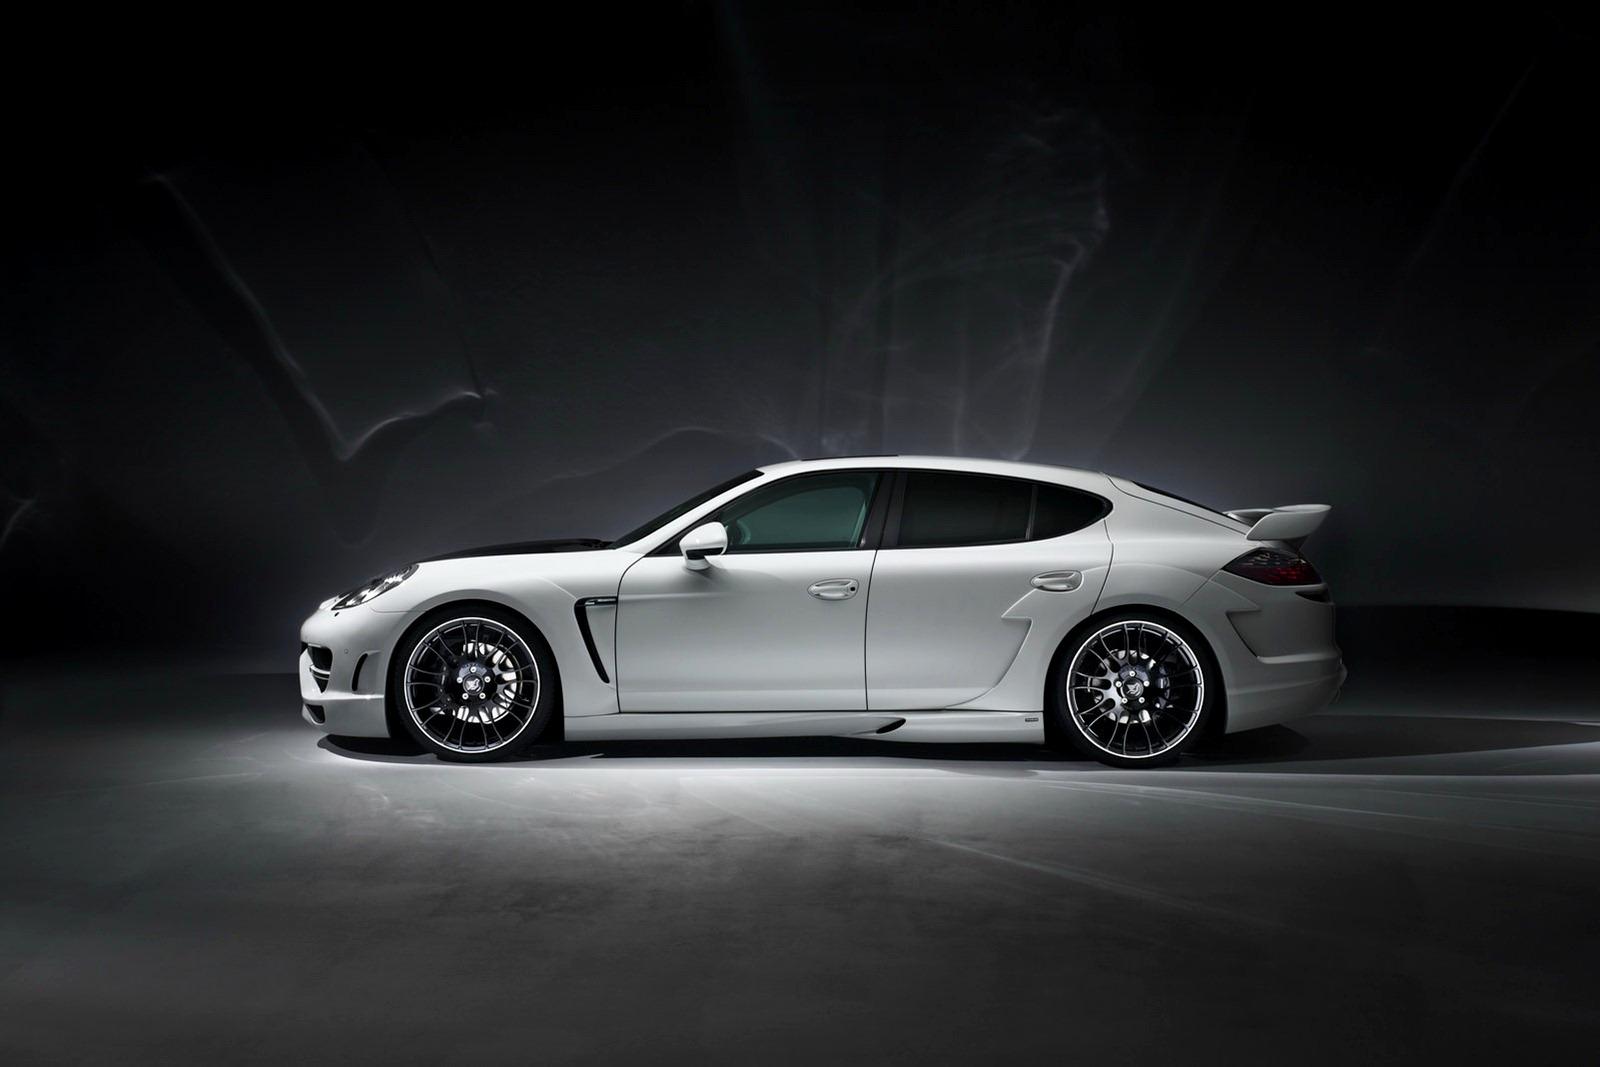 Custom Porsche Panamera Turbo S White Gator